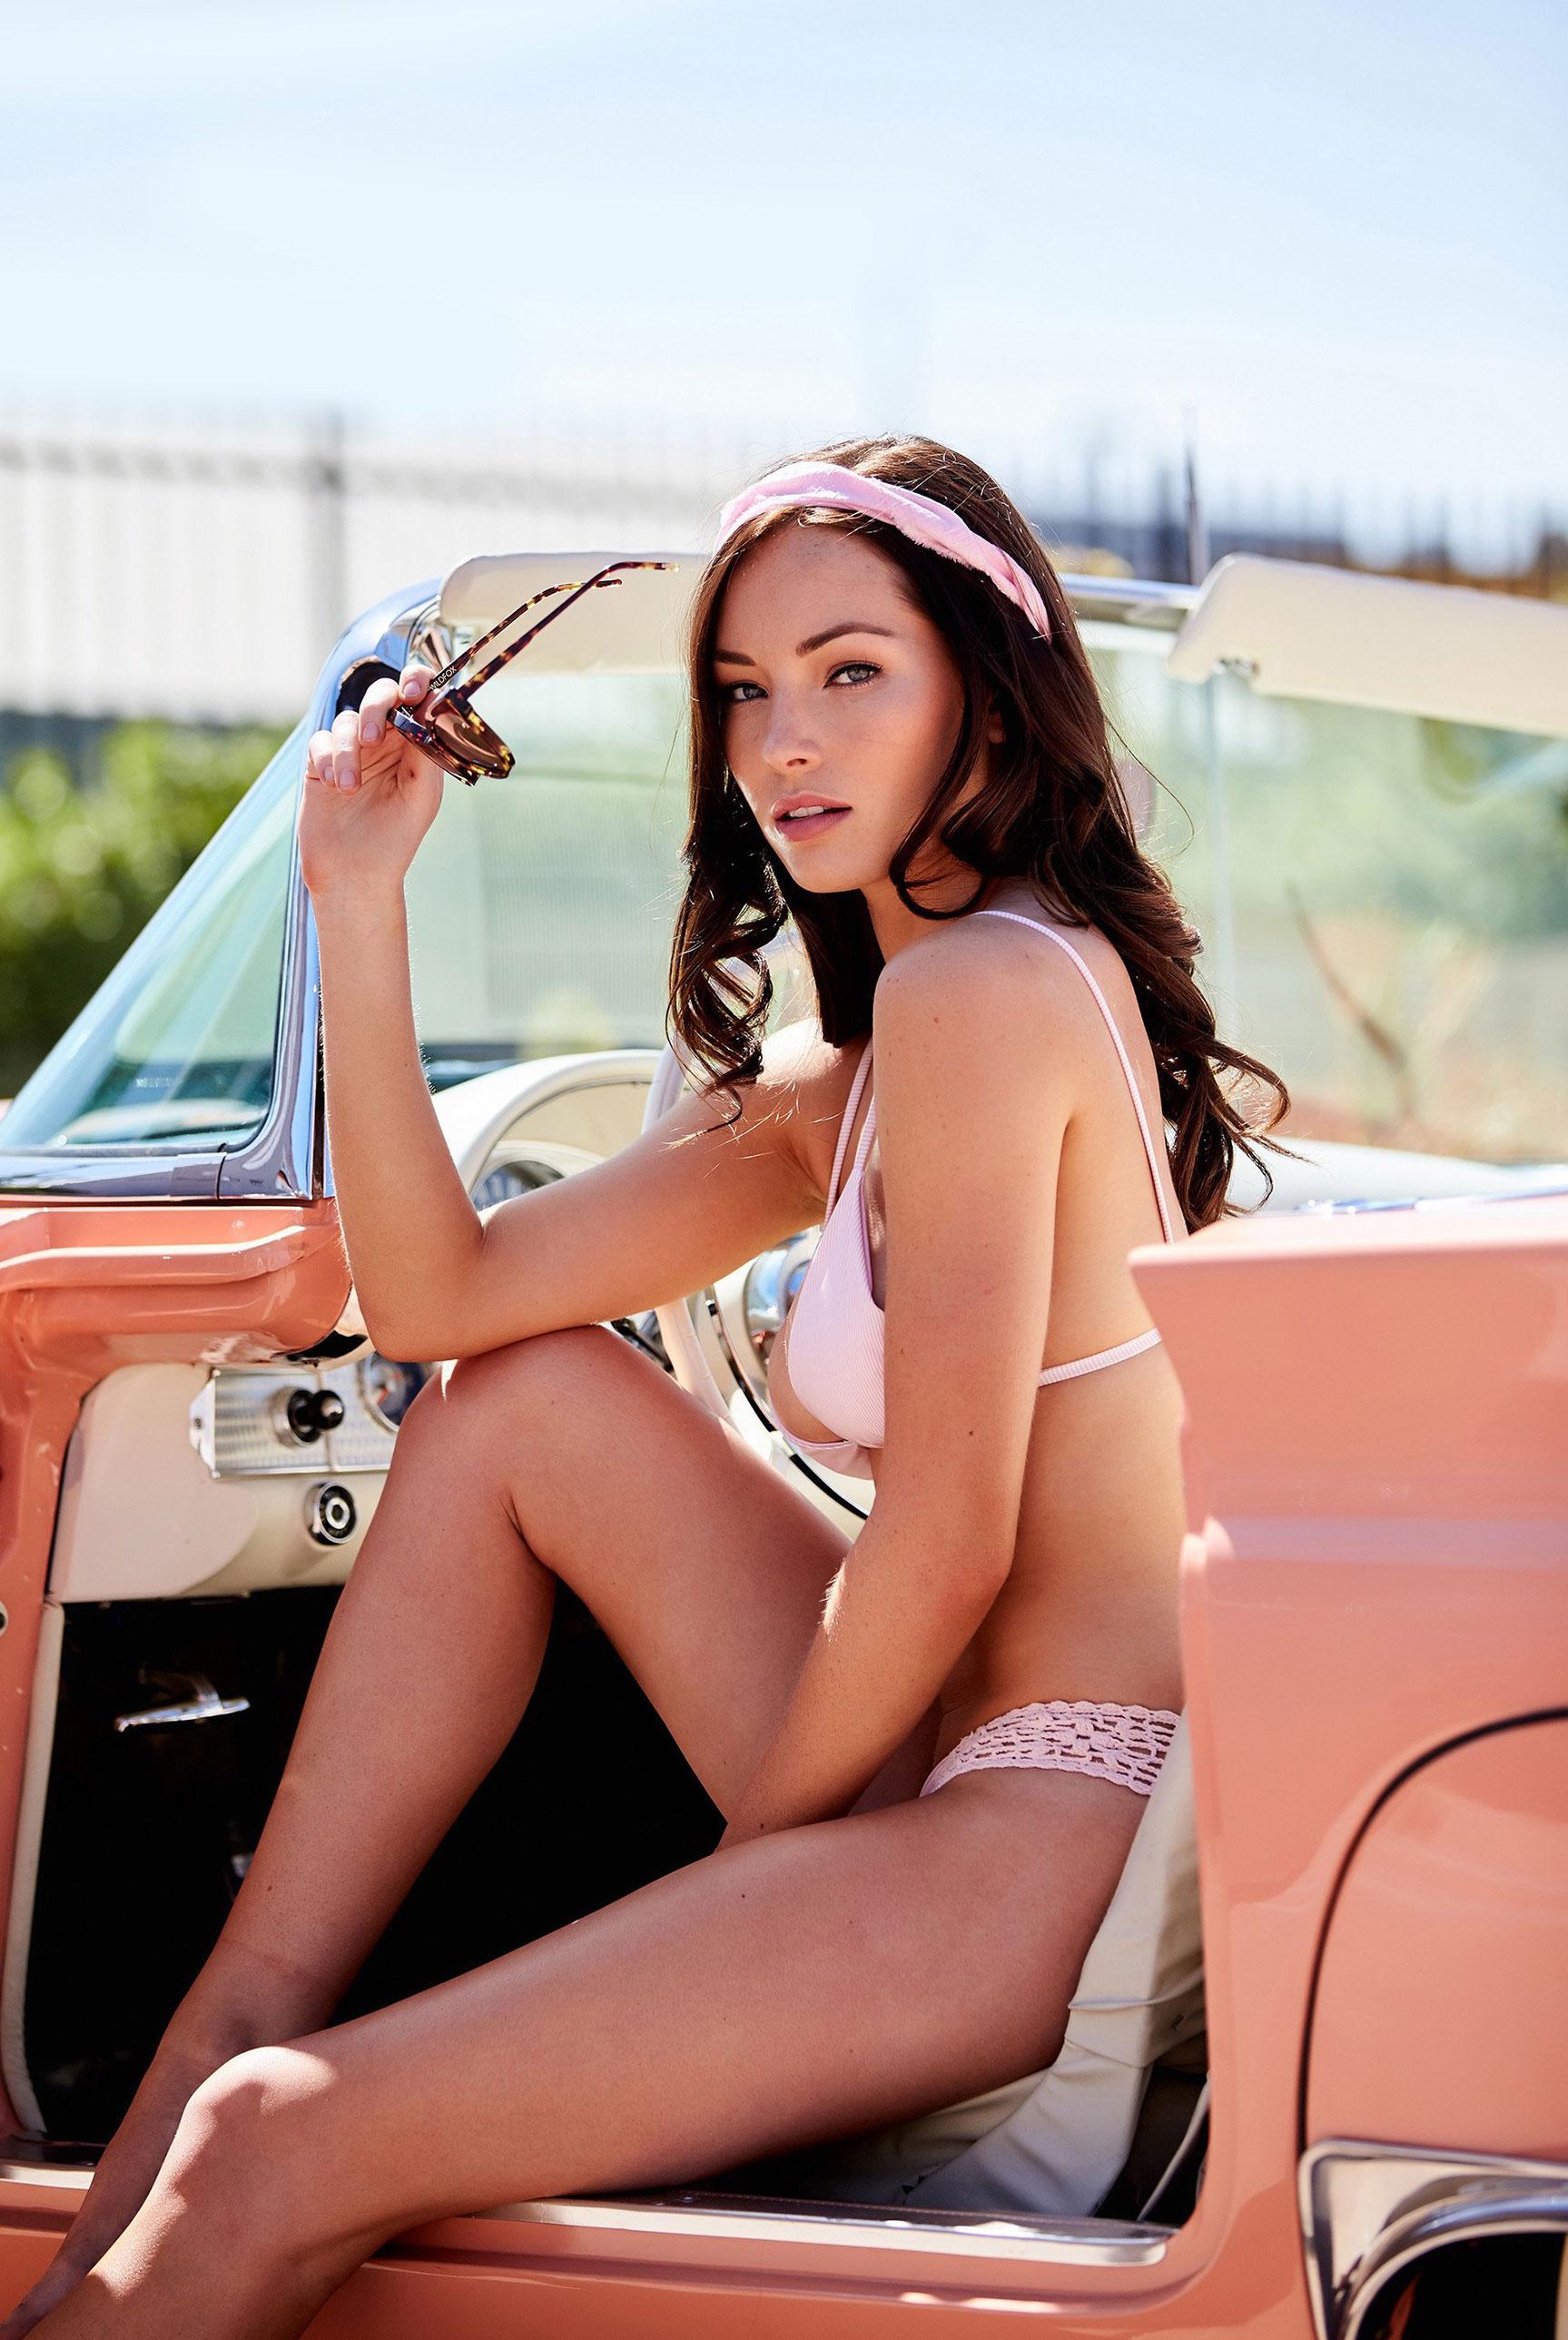 Pink Ladies by Skatie / Sophia Miacova, Allie Leggett, Chandler Bailey by John Schell